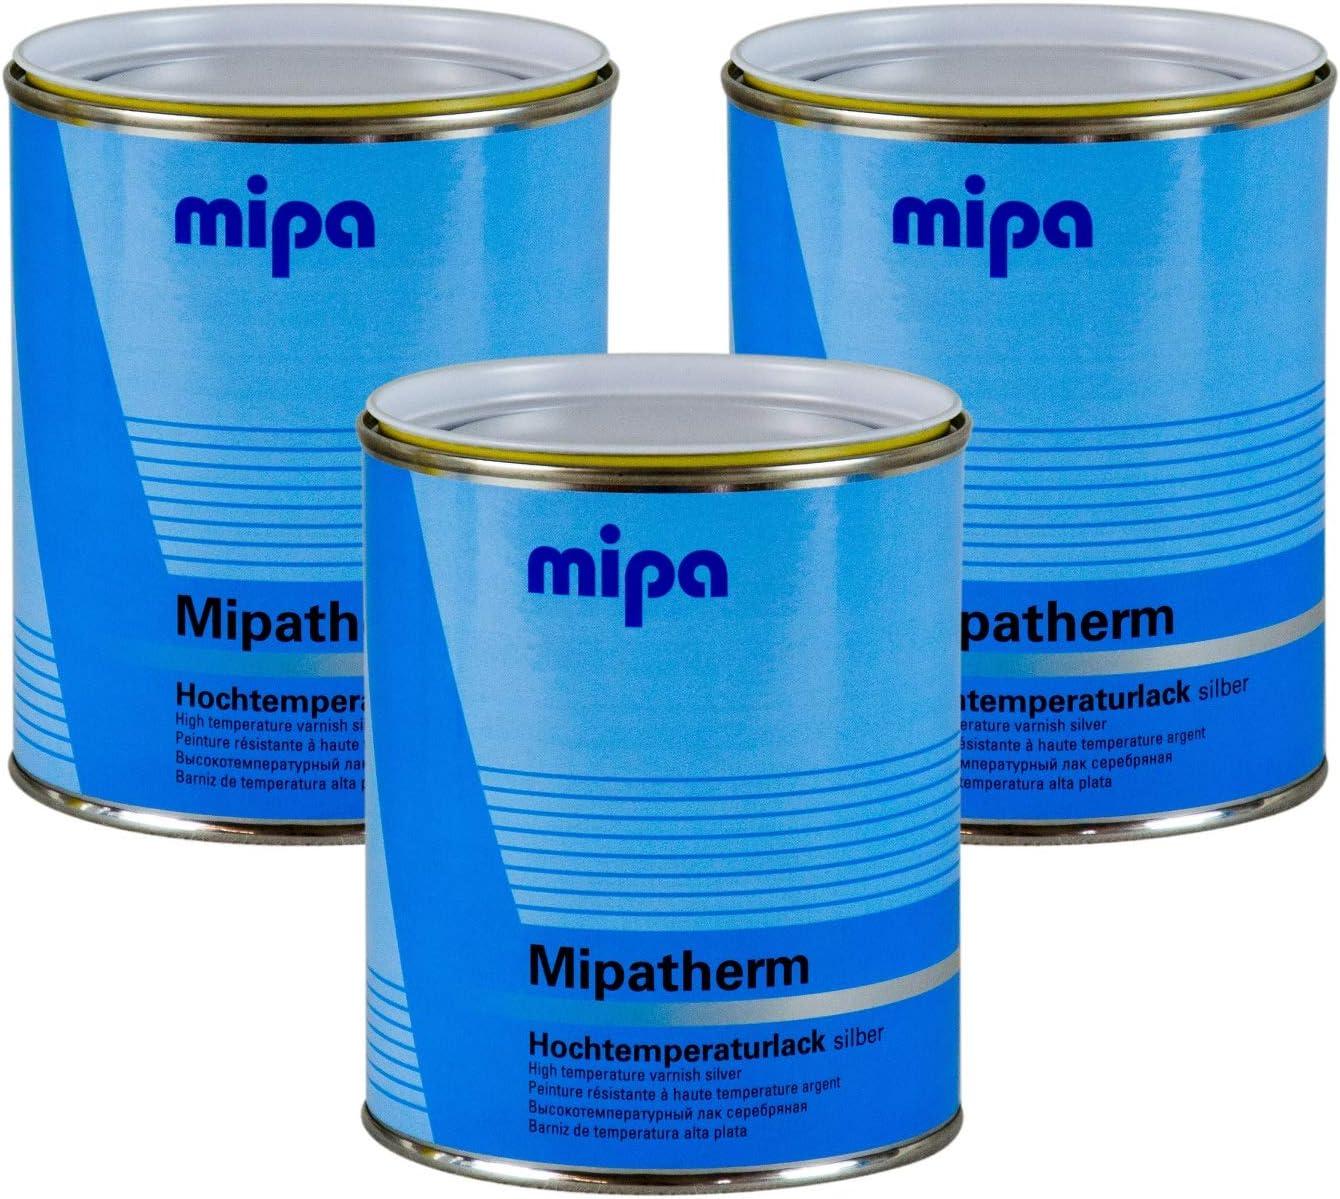 Mipa 3x Mipatherm Silber Thermolack Ofenlack Hitzebeständig Bis 800 C 750 Ml Auto